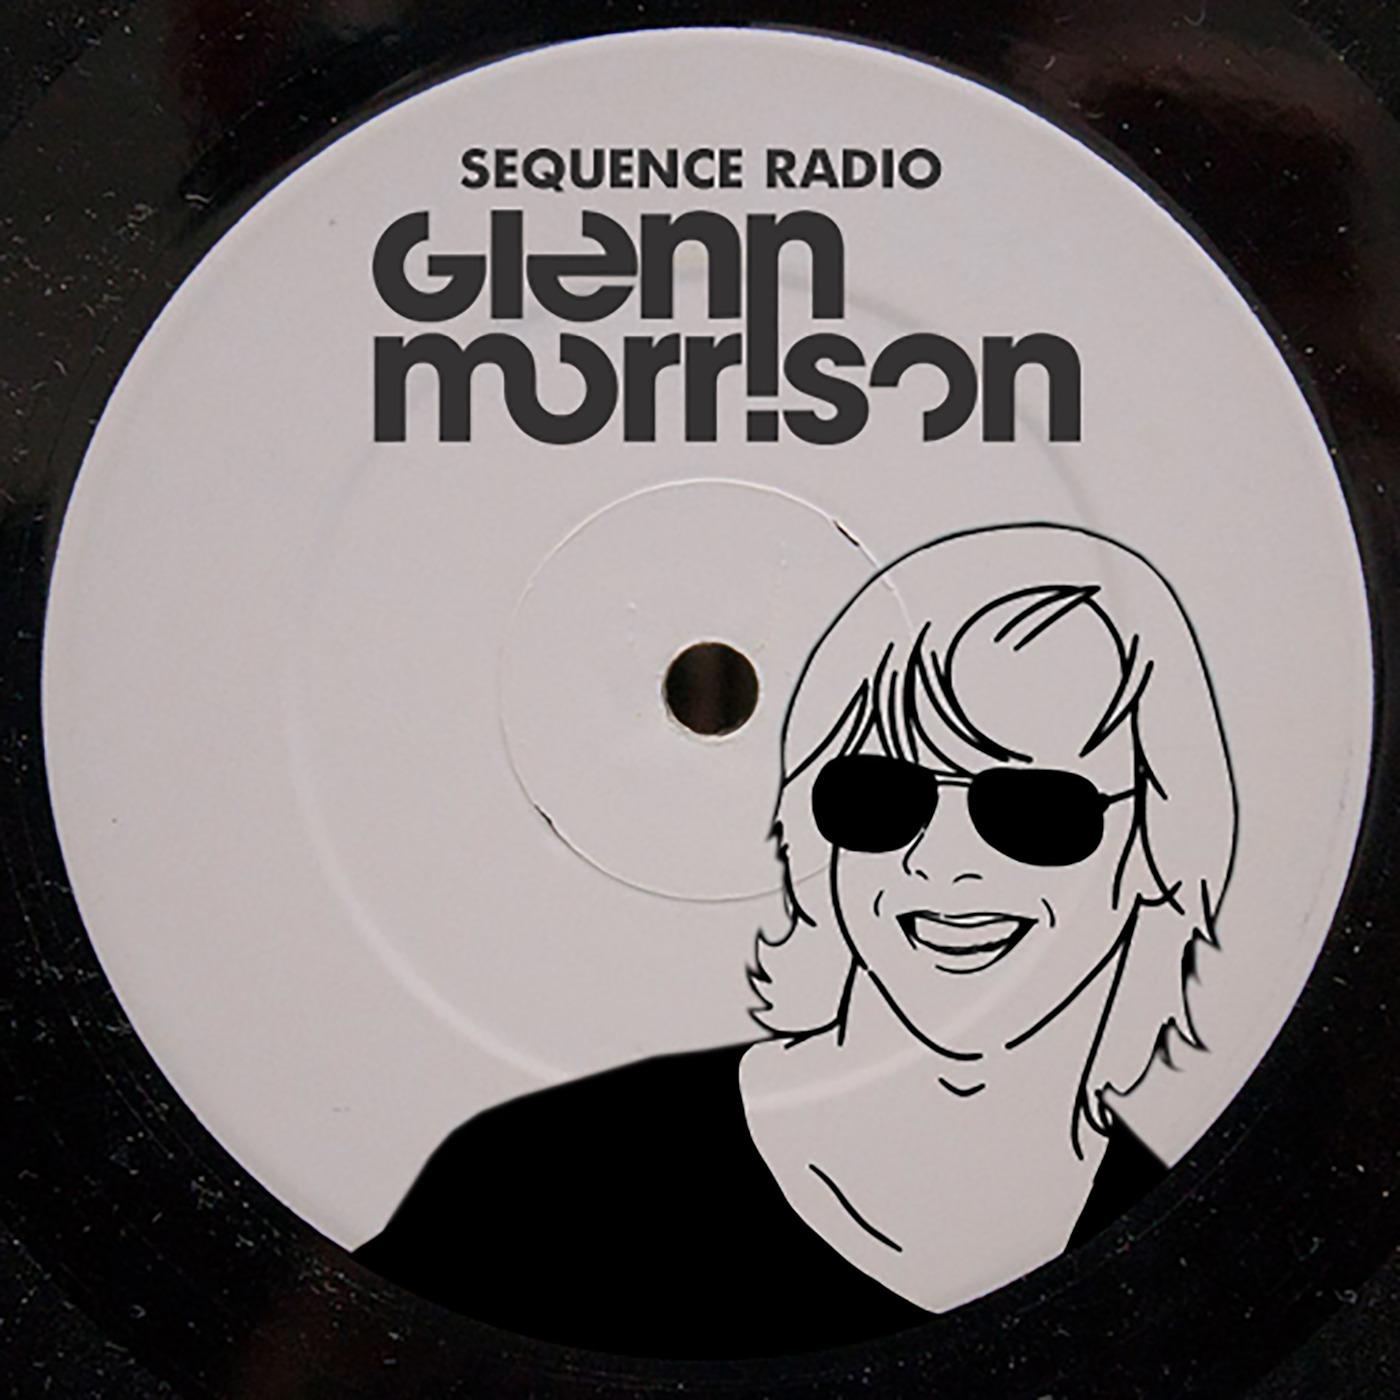 Glenn Morrison Sequence Podcast